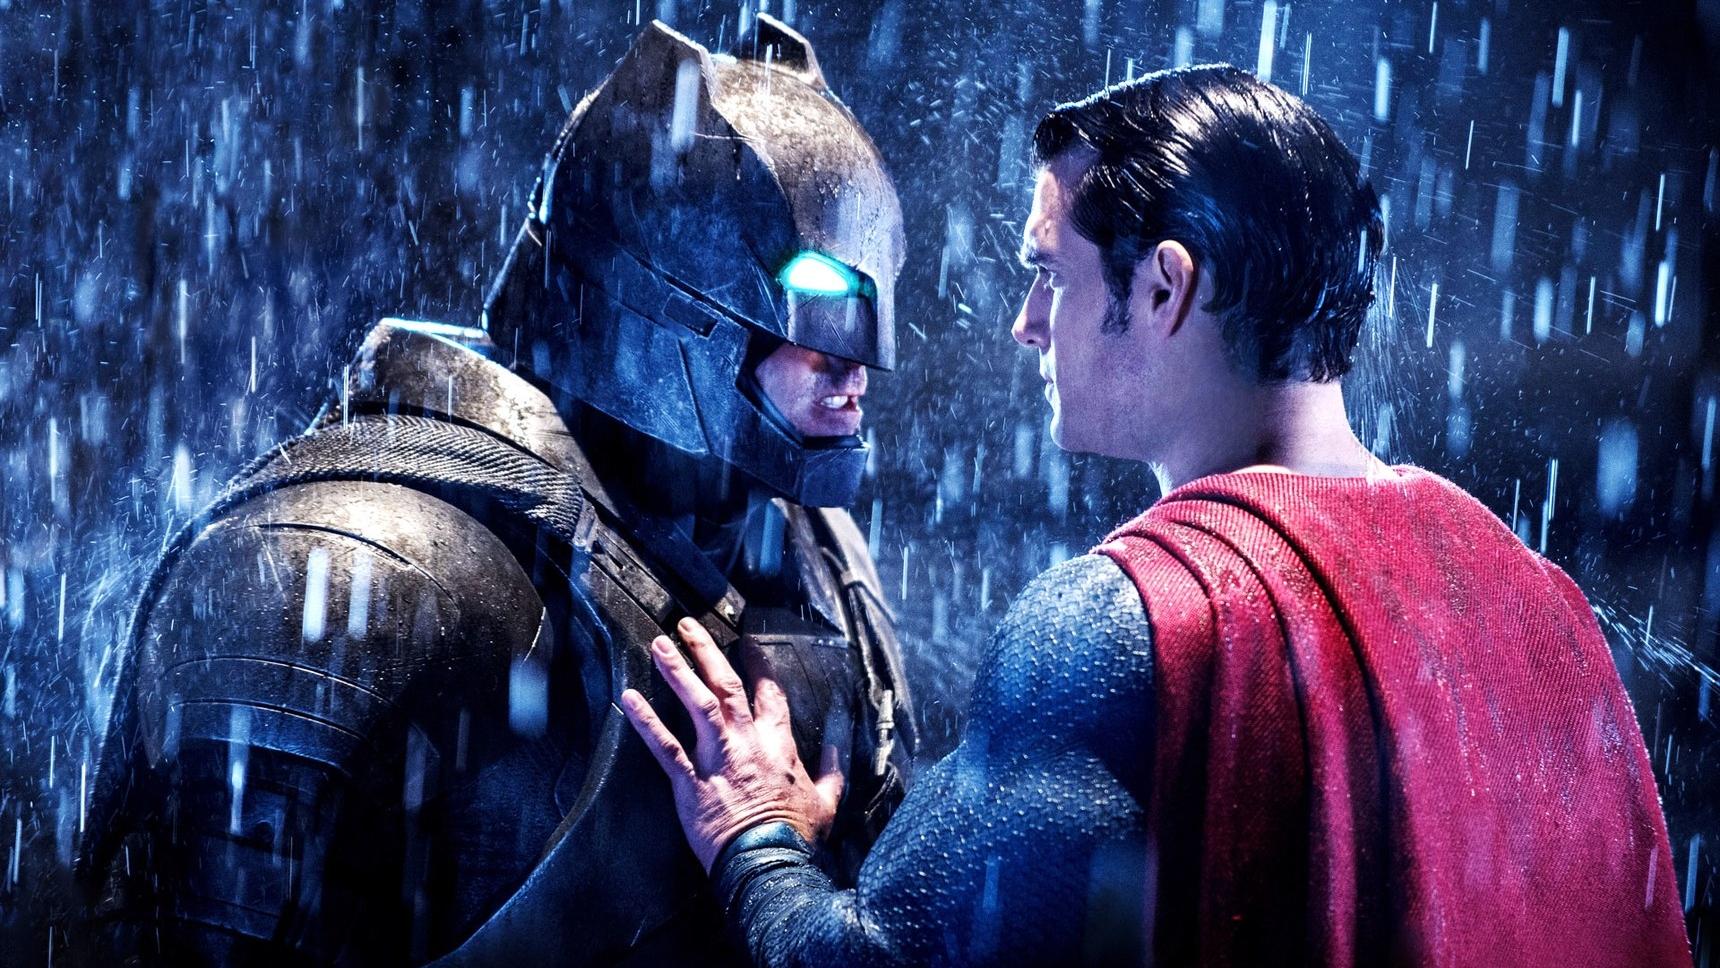 #89) Batman v. Superman: Dawn of Justice(-15) - (2016 - dir. Zack Snyder)